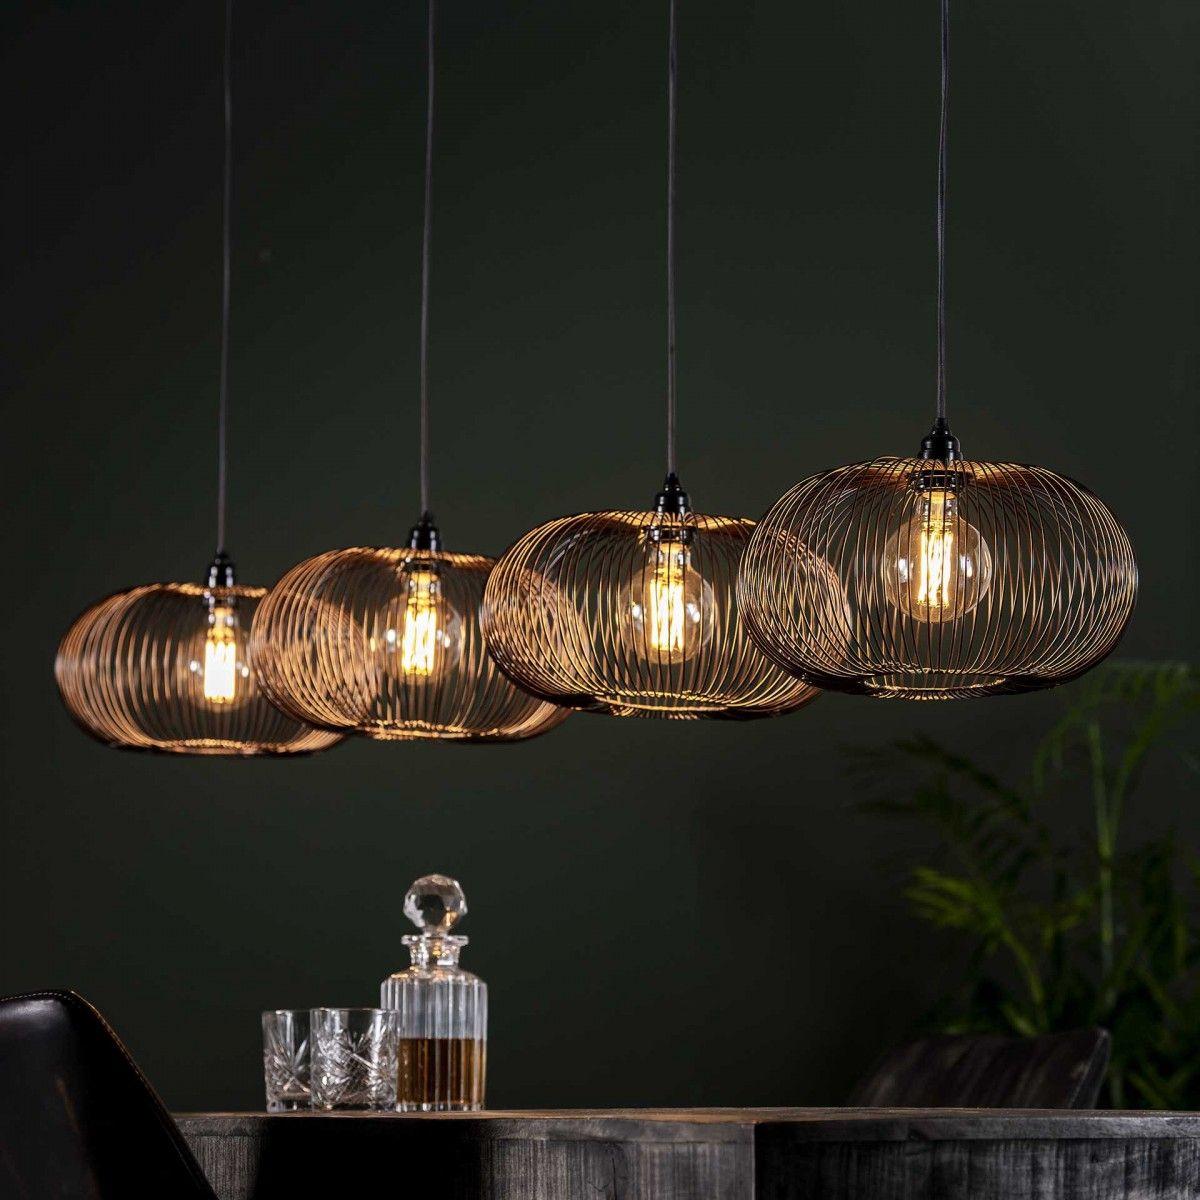 Hangeleuchten Stellen Die Ideale Beleuchtung Fur Den Esstisch Dar Denn Das Auge Isst Mit Aber Auch In Andere Lampe Hangelampe Industrial Esstisch Beleuchtung